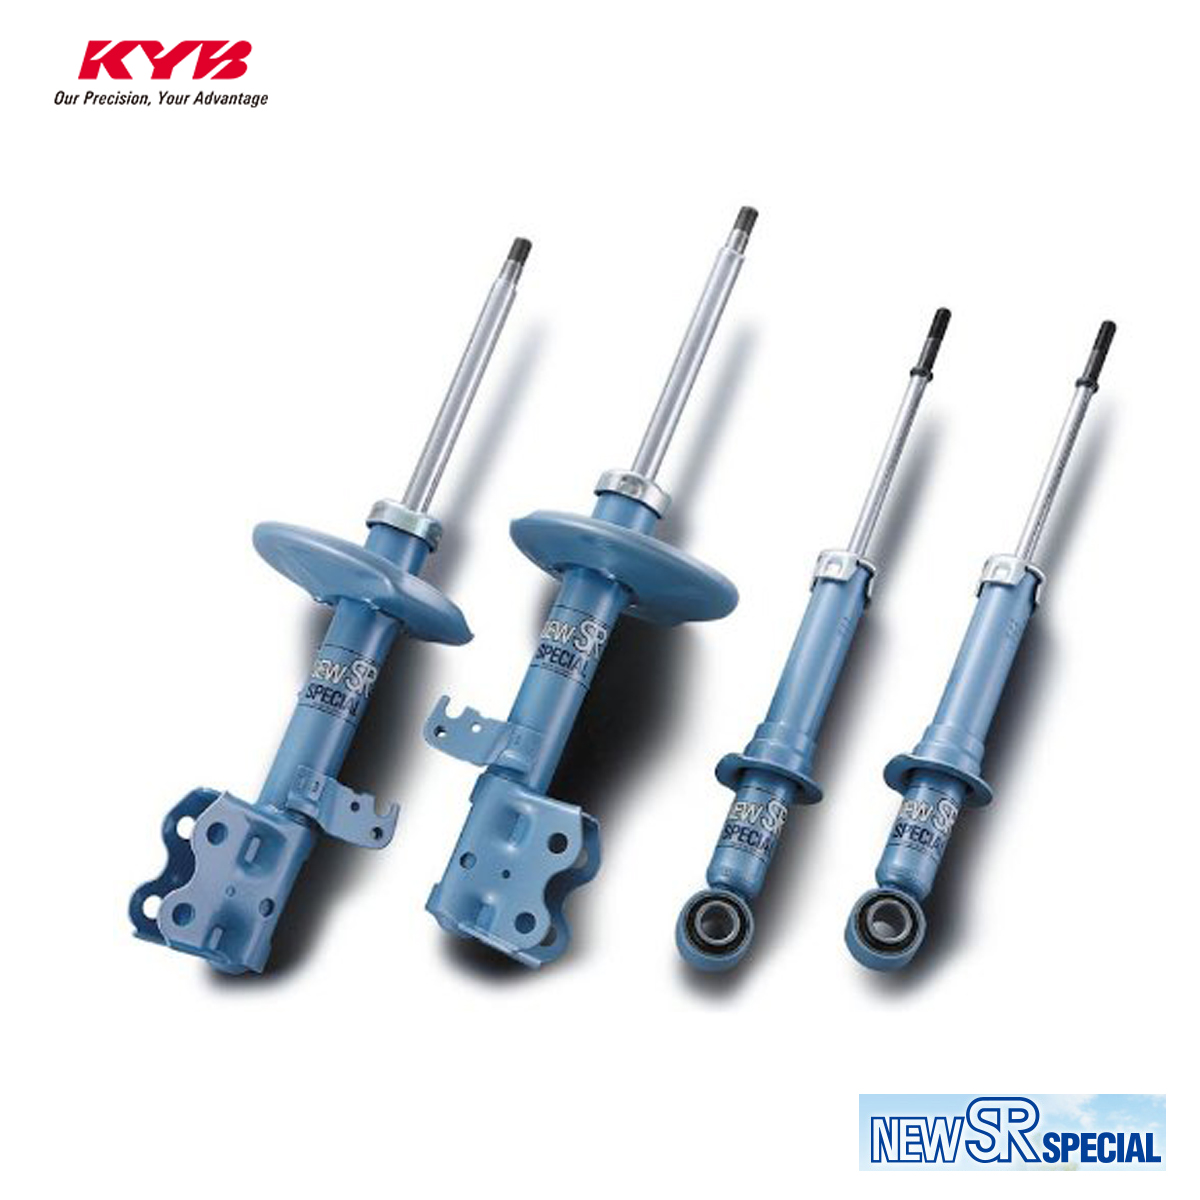 KYB カヤバ デリカD:5 CV2W ショックアブソーバー フロント 右用 1本 NEW SR SPECIAL NST5619R 配送先条件有り